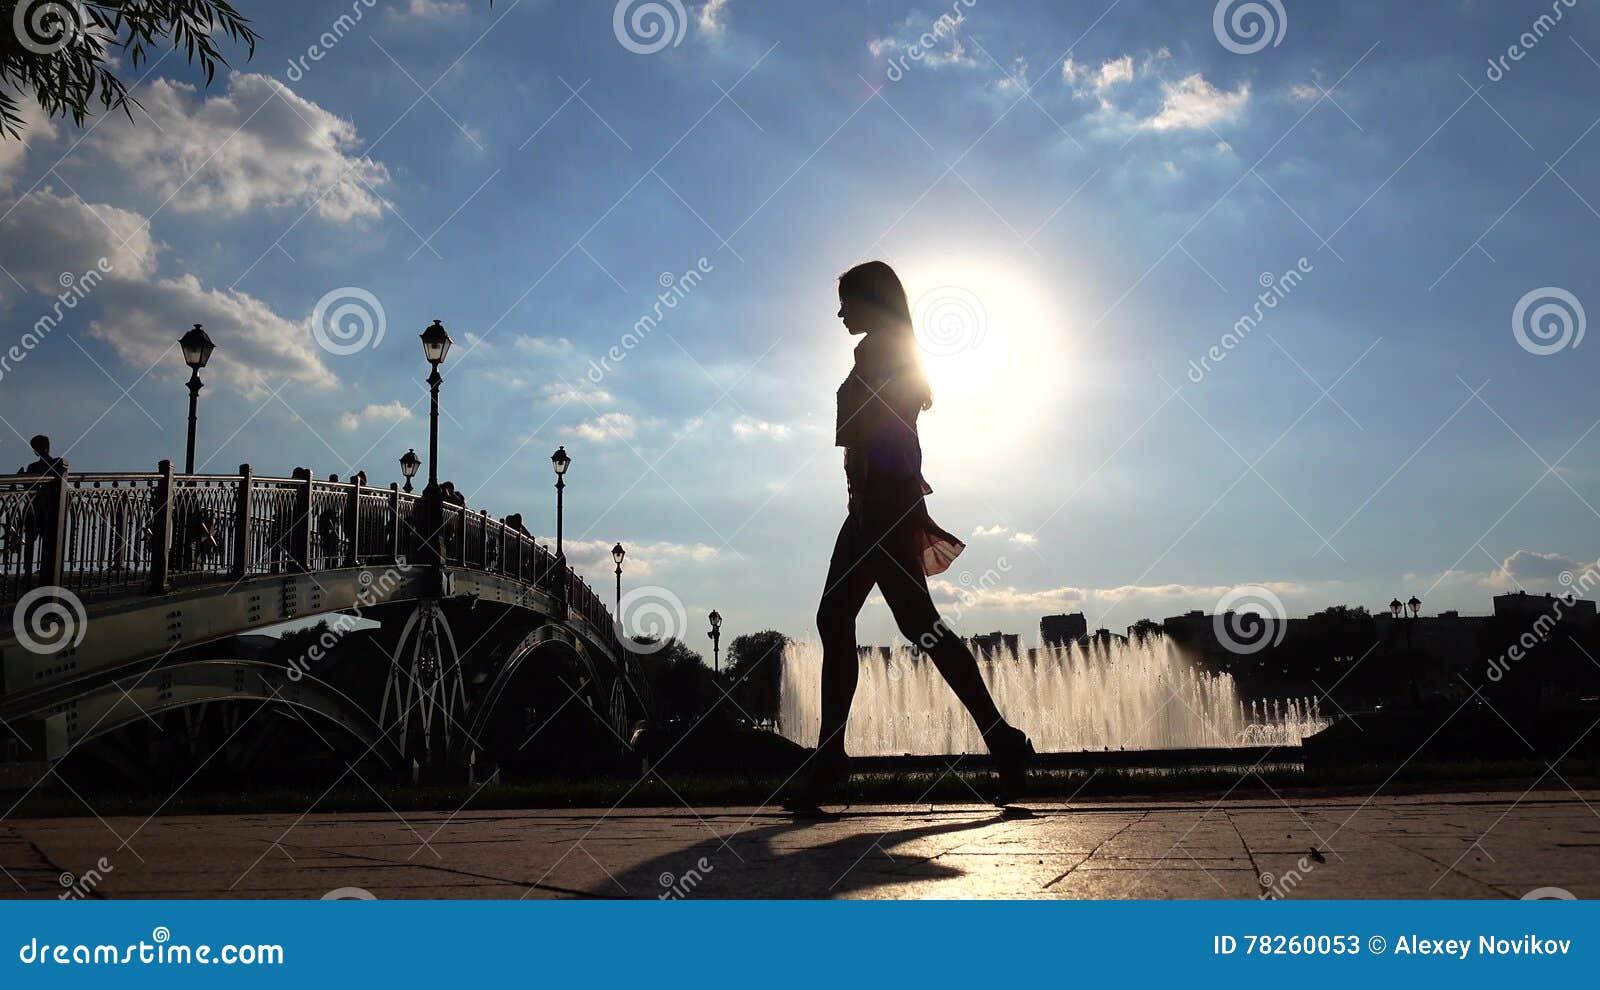 Σκιαγραφία ενός λεπτού κοριτσιού στα υψηλά τακούνια που περπατά στο ηλιόλουστο ανάχωμα πάρκων